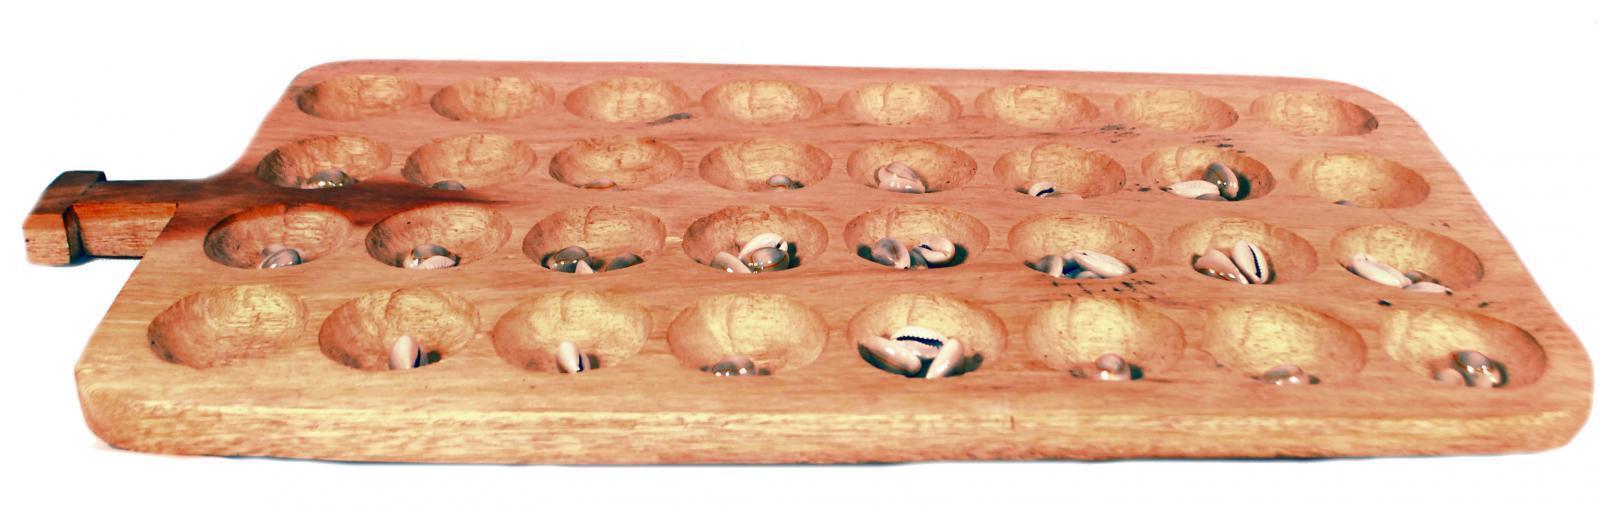 Fatto a uomoo Ugeese Legno uomocala Bao Omweso Tradizionale Gioco Gioco Gioco da Tavolo & 97521a